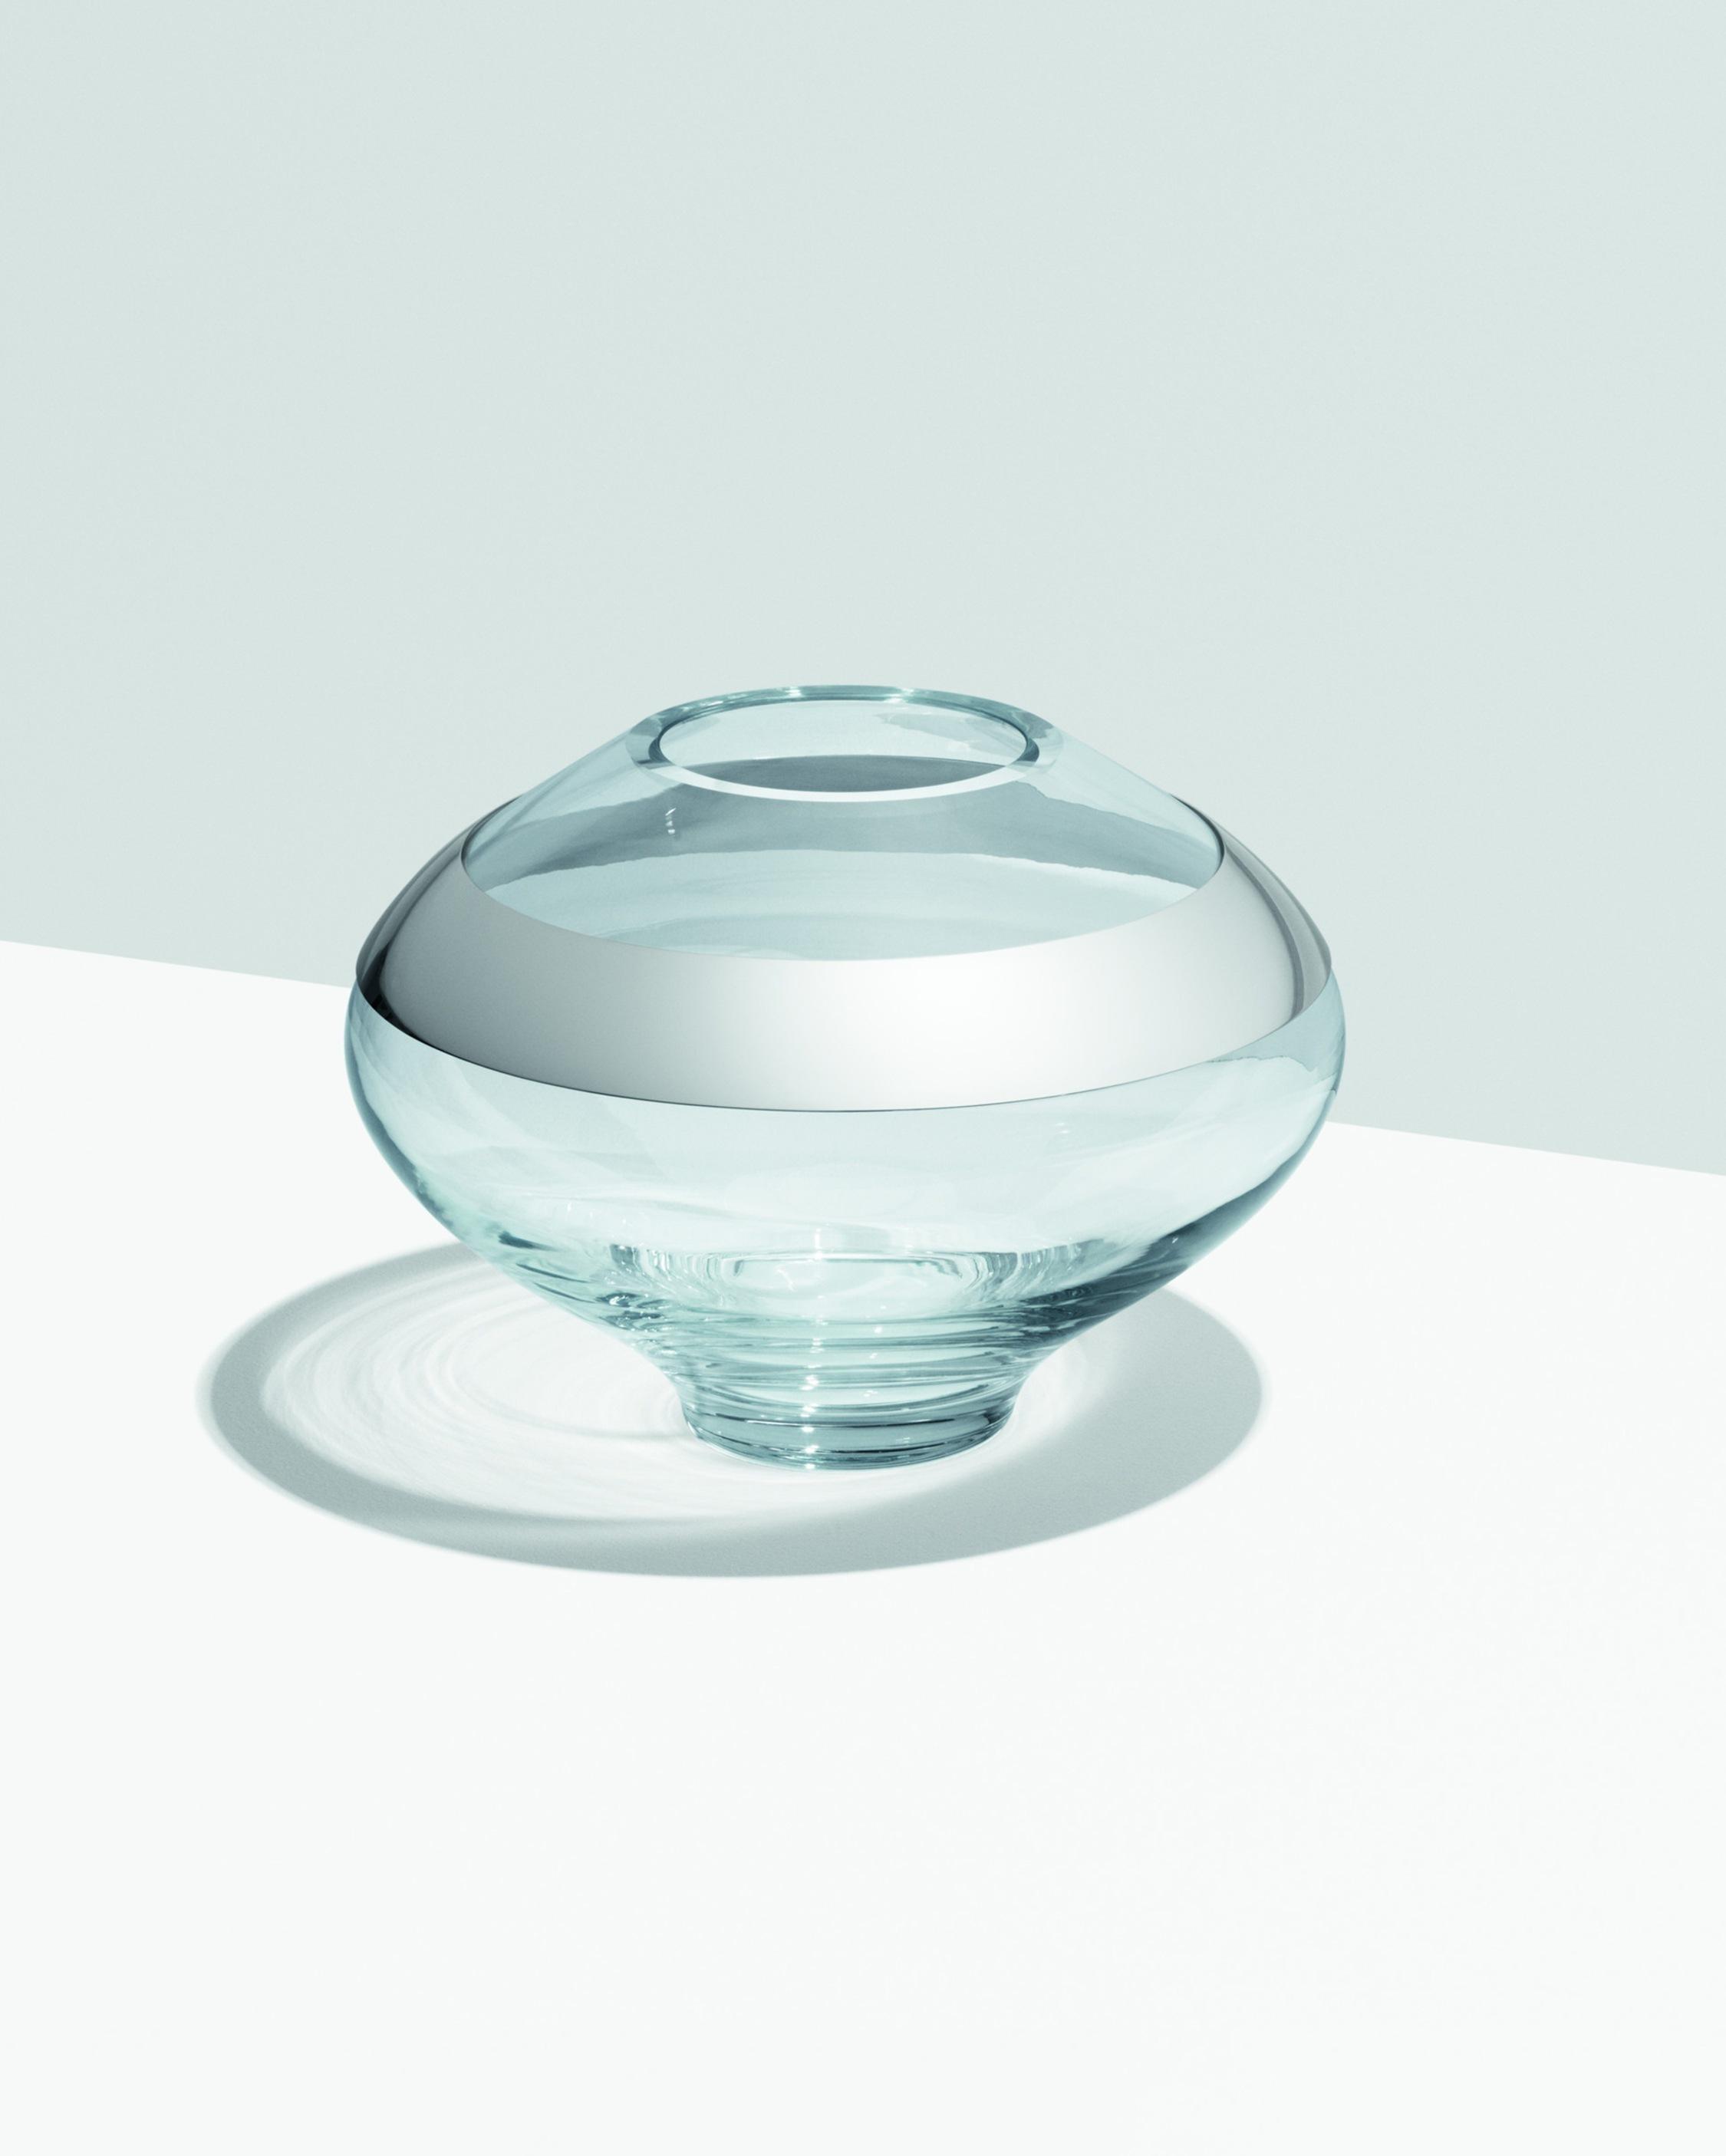 Georg Jensen Duo Round Vase - 7in 1